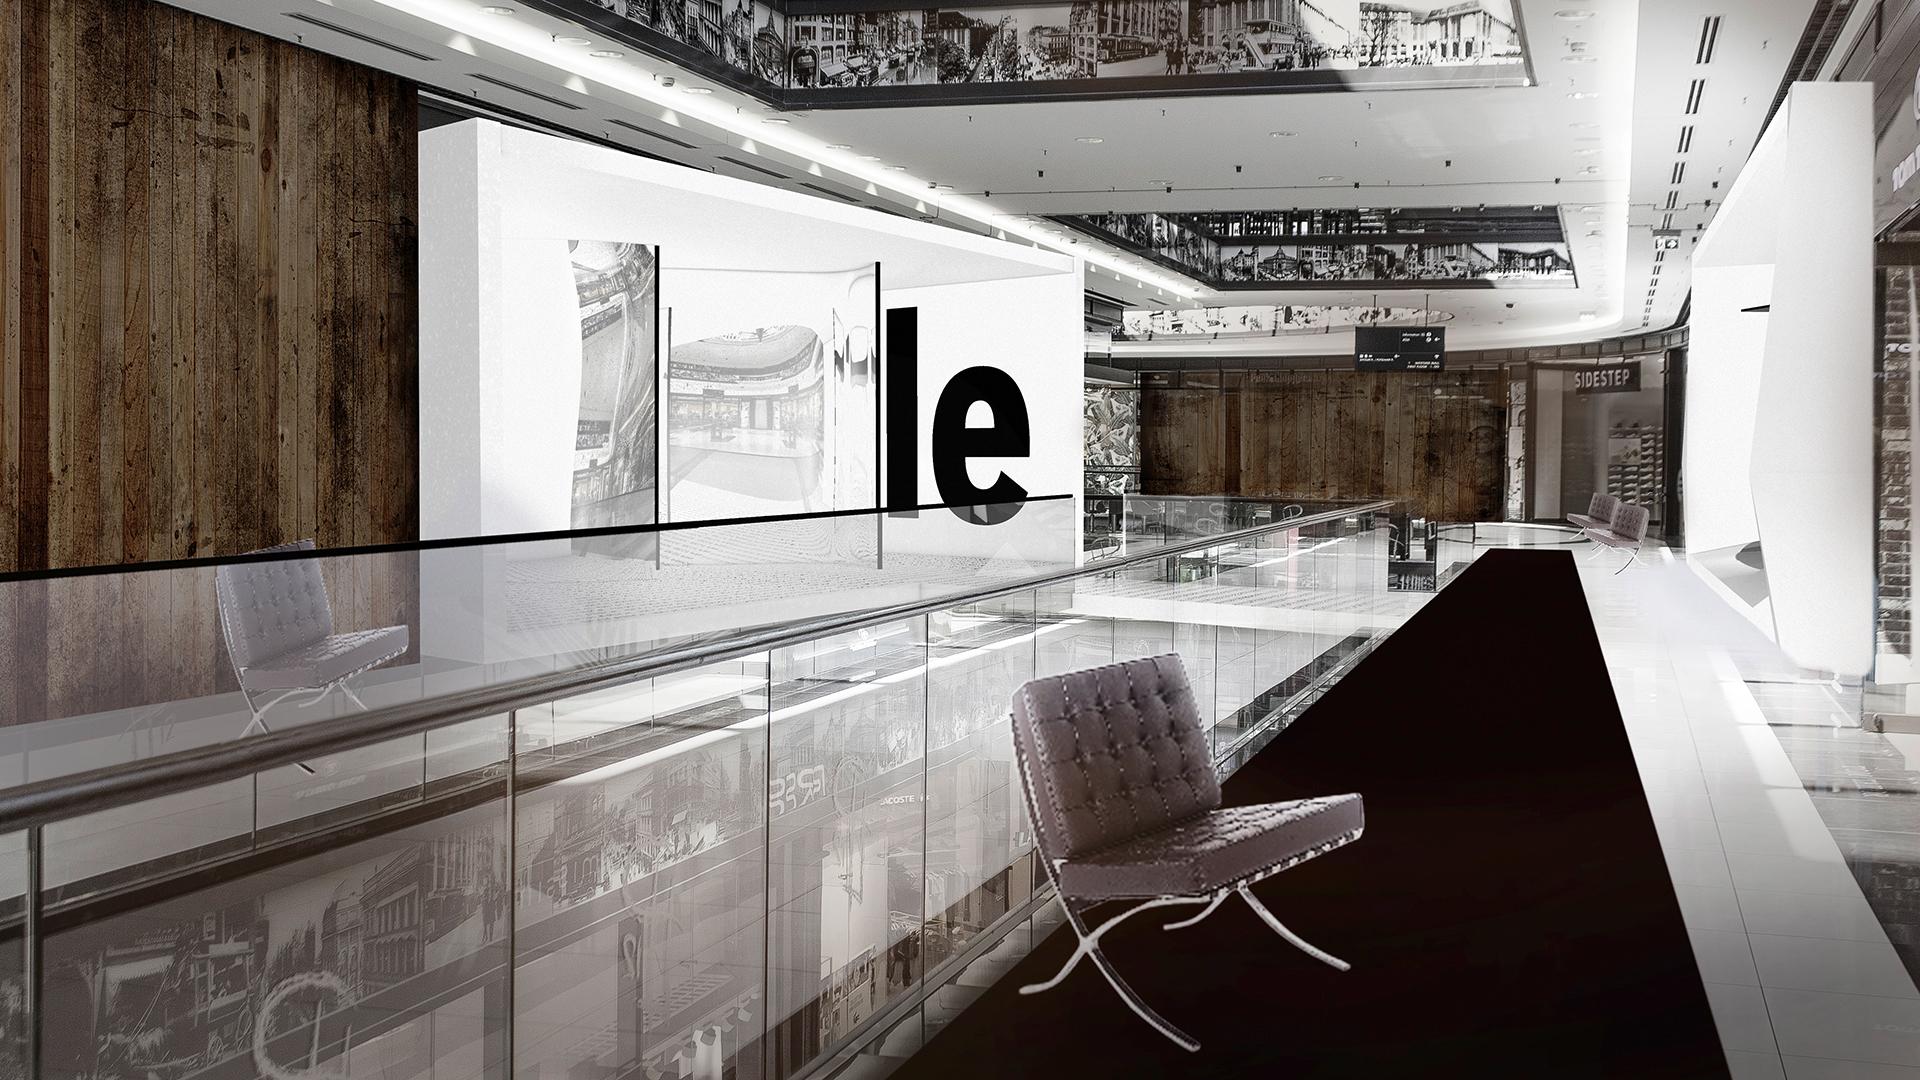 Ausstellung Präsentation Phaneomen Shoppingcenter Raumgestaltung Conceptdesign Inszenierung Reuse Kapitalismus Museum Shopdesign Mall Ausstellung